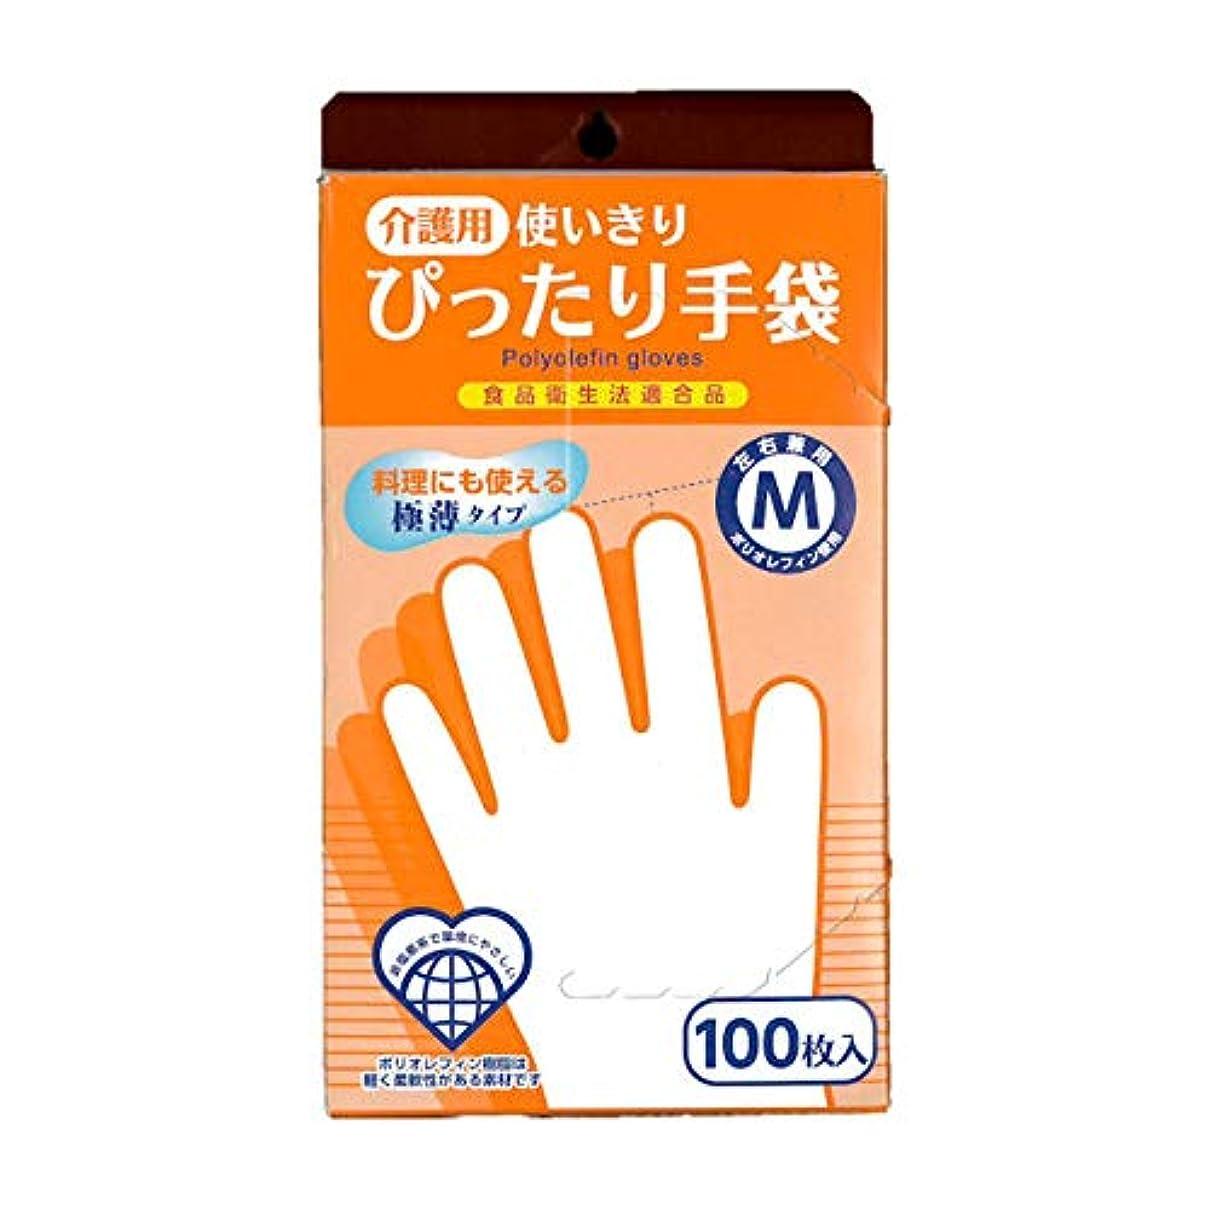 オペレーターディスク処理する奥田薬品 介護用 使いきりぴったり手袋 Mサイズ 100枚